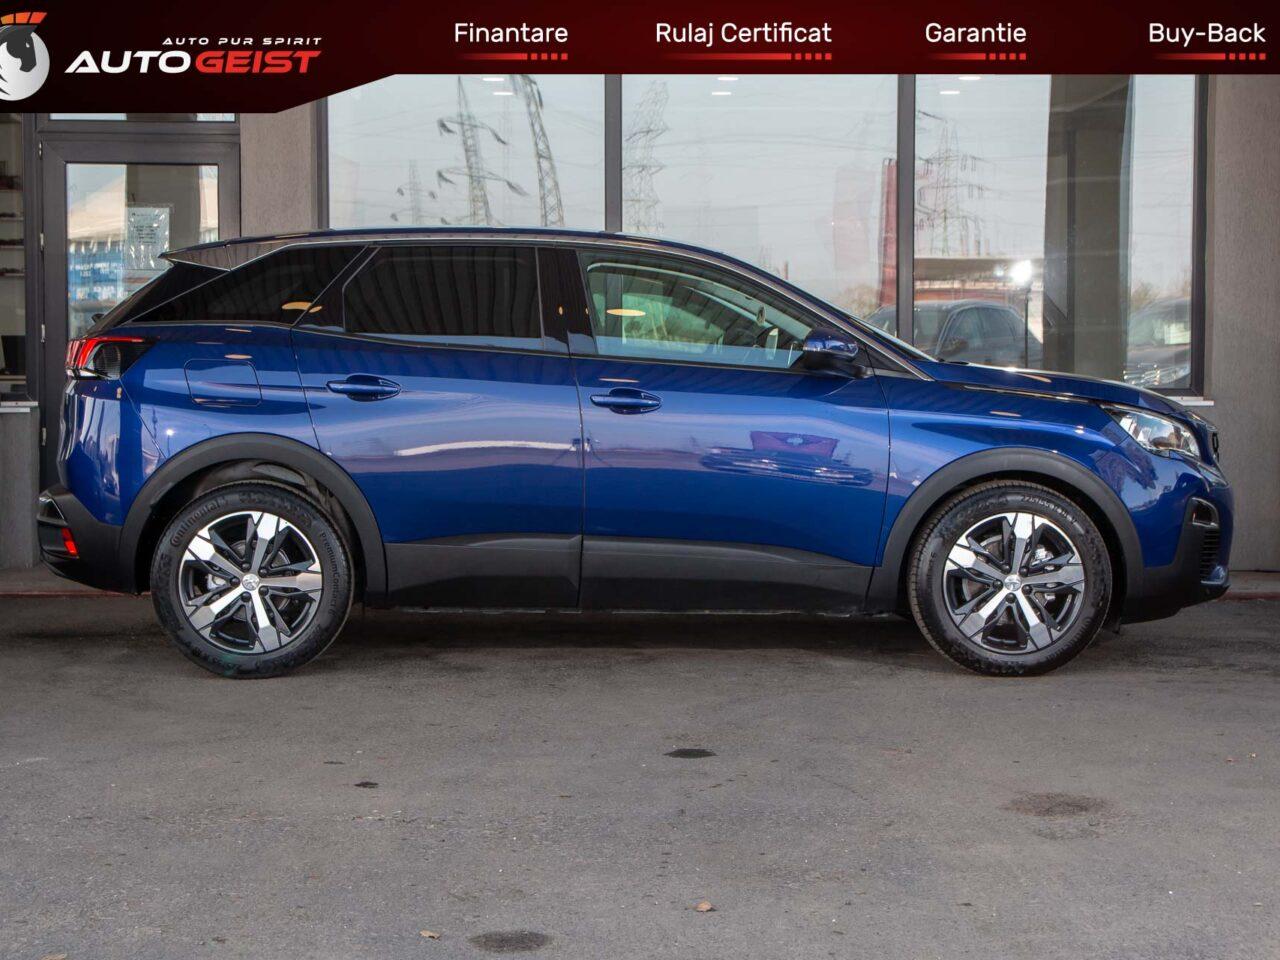 Peugeot-3008-9844